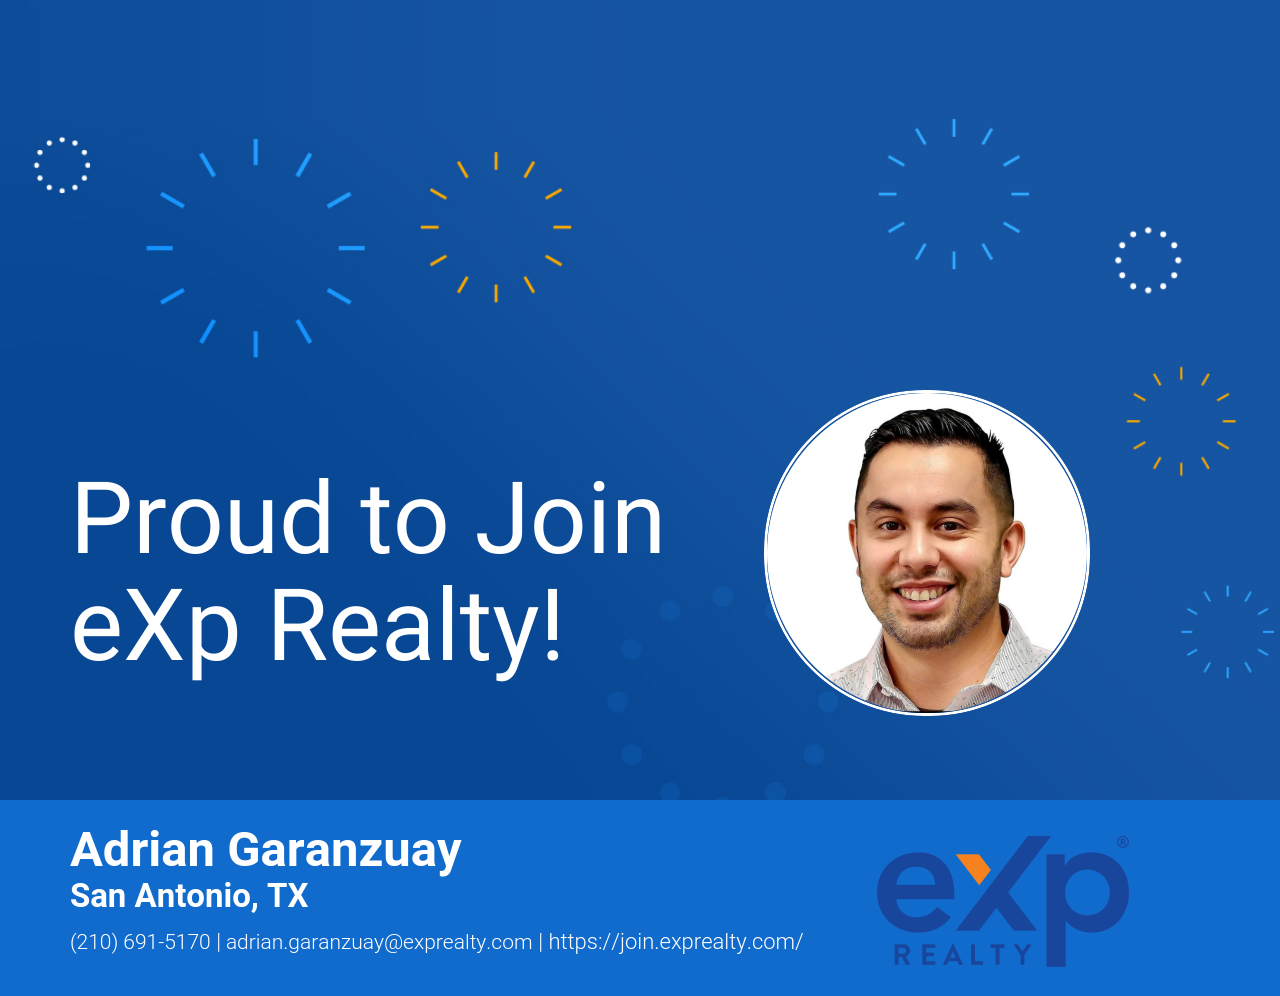 Adrian Garanzuay Joined eXp Realty!